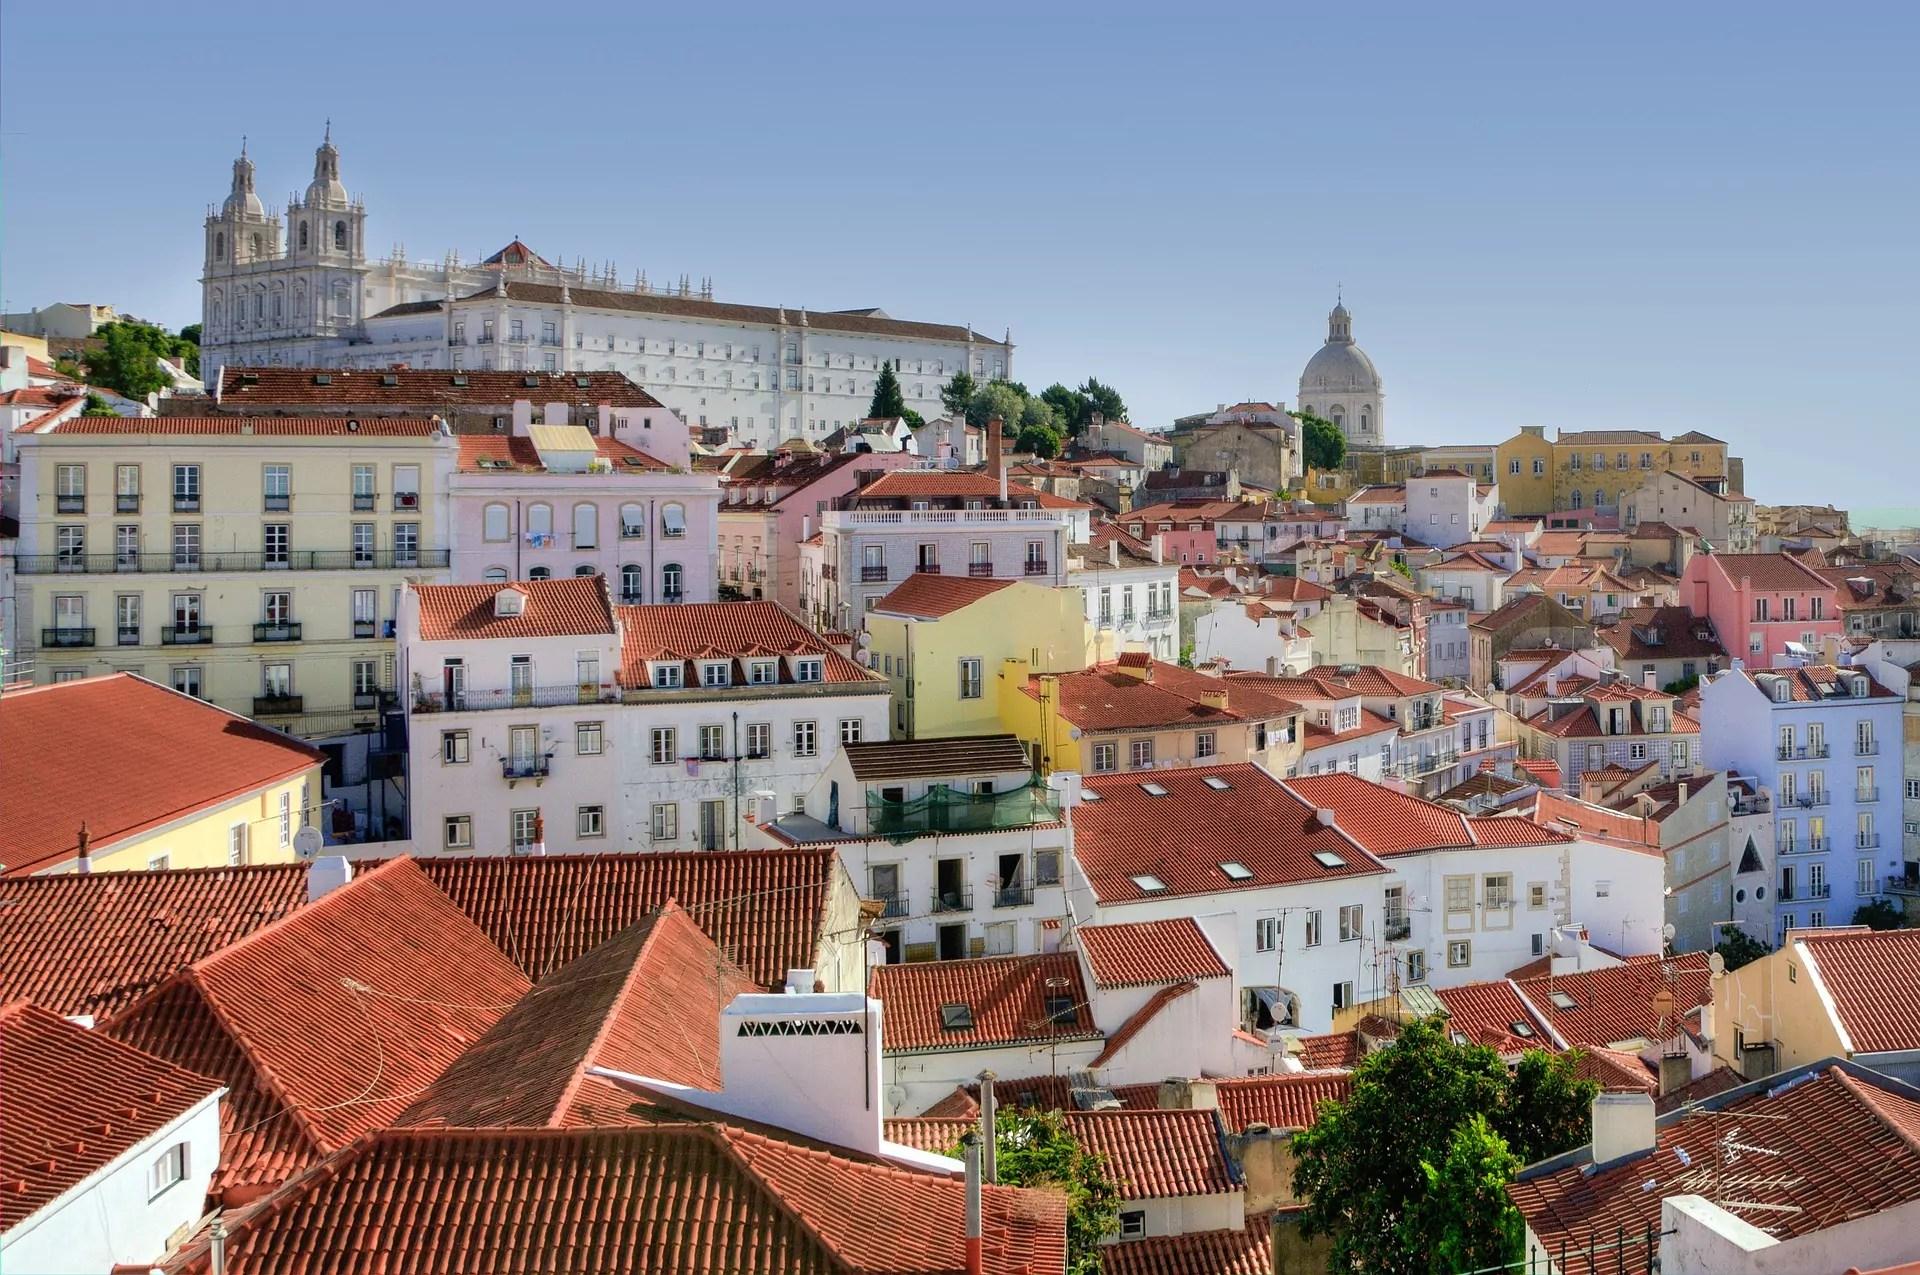 Pasqua A Lisbona Con Tutta La Famiglia Dove Andare E Cosa Vedere